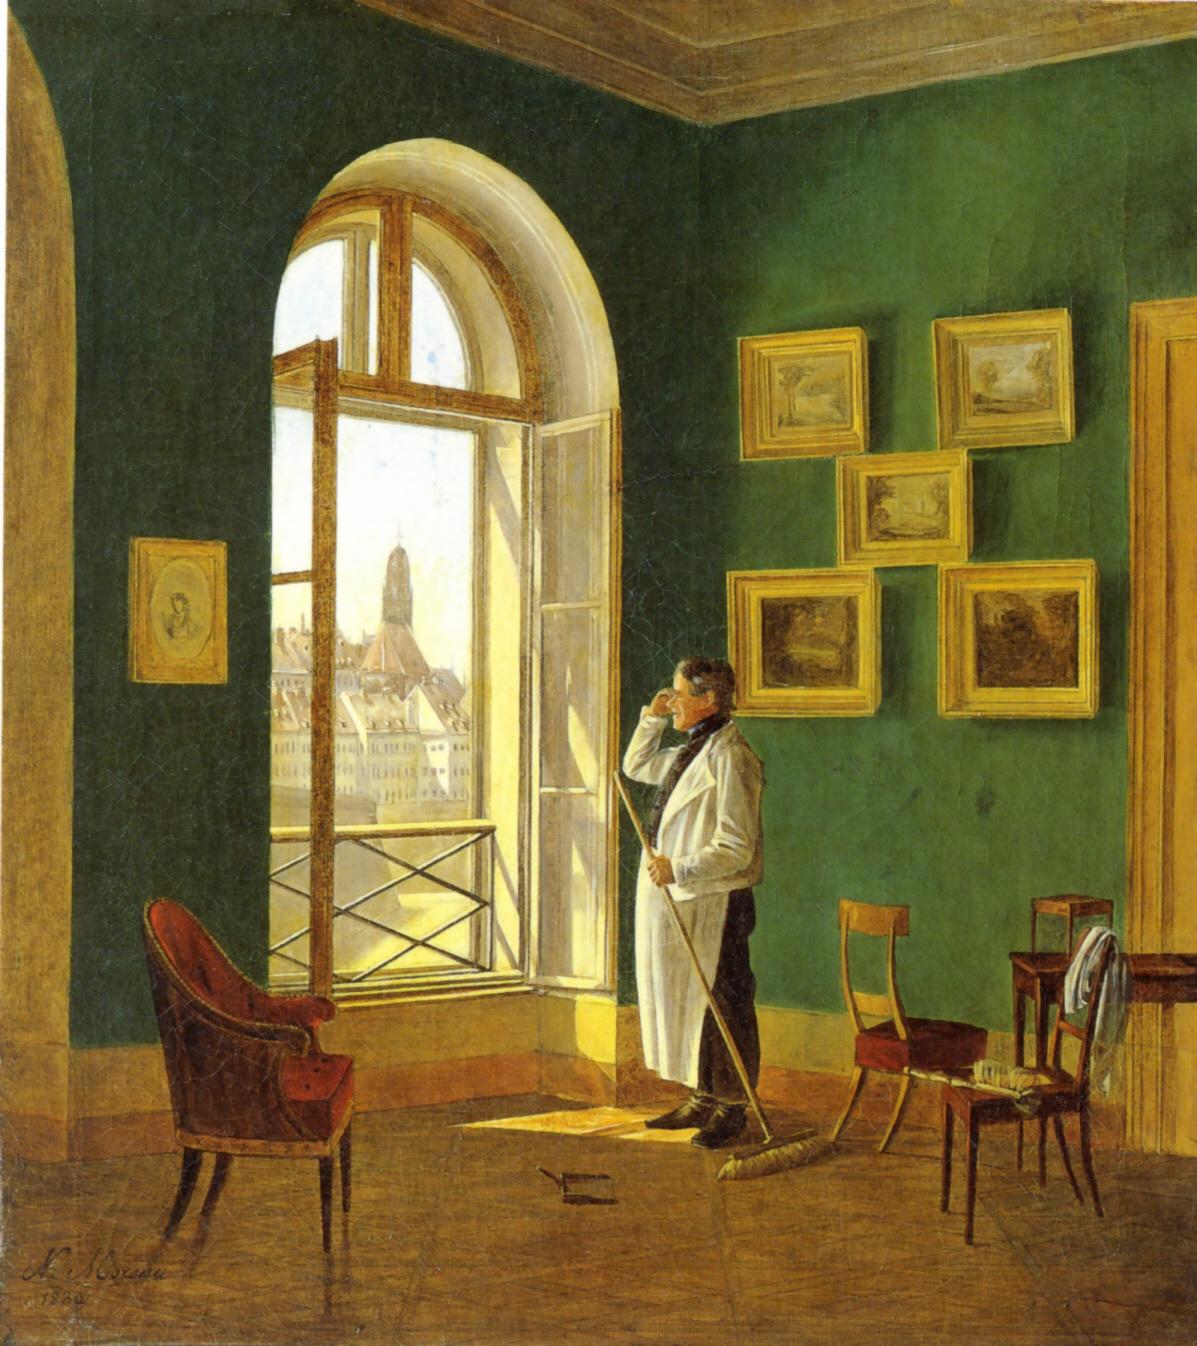 Blick aus dem fenster bilder  File:Nikolaus Moreau, Blick aus einem Fenster des Dianabades in ...